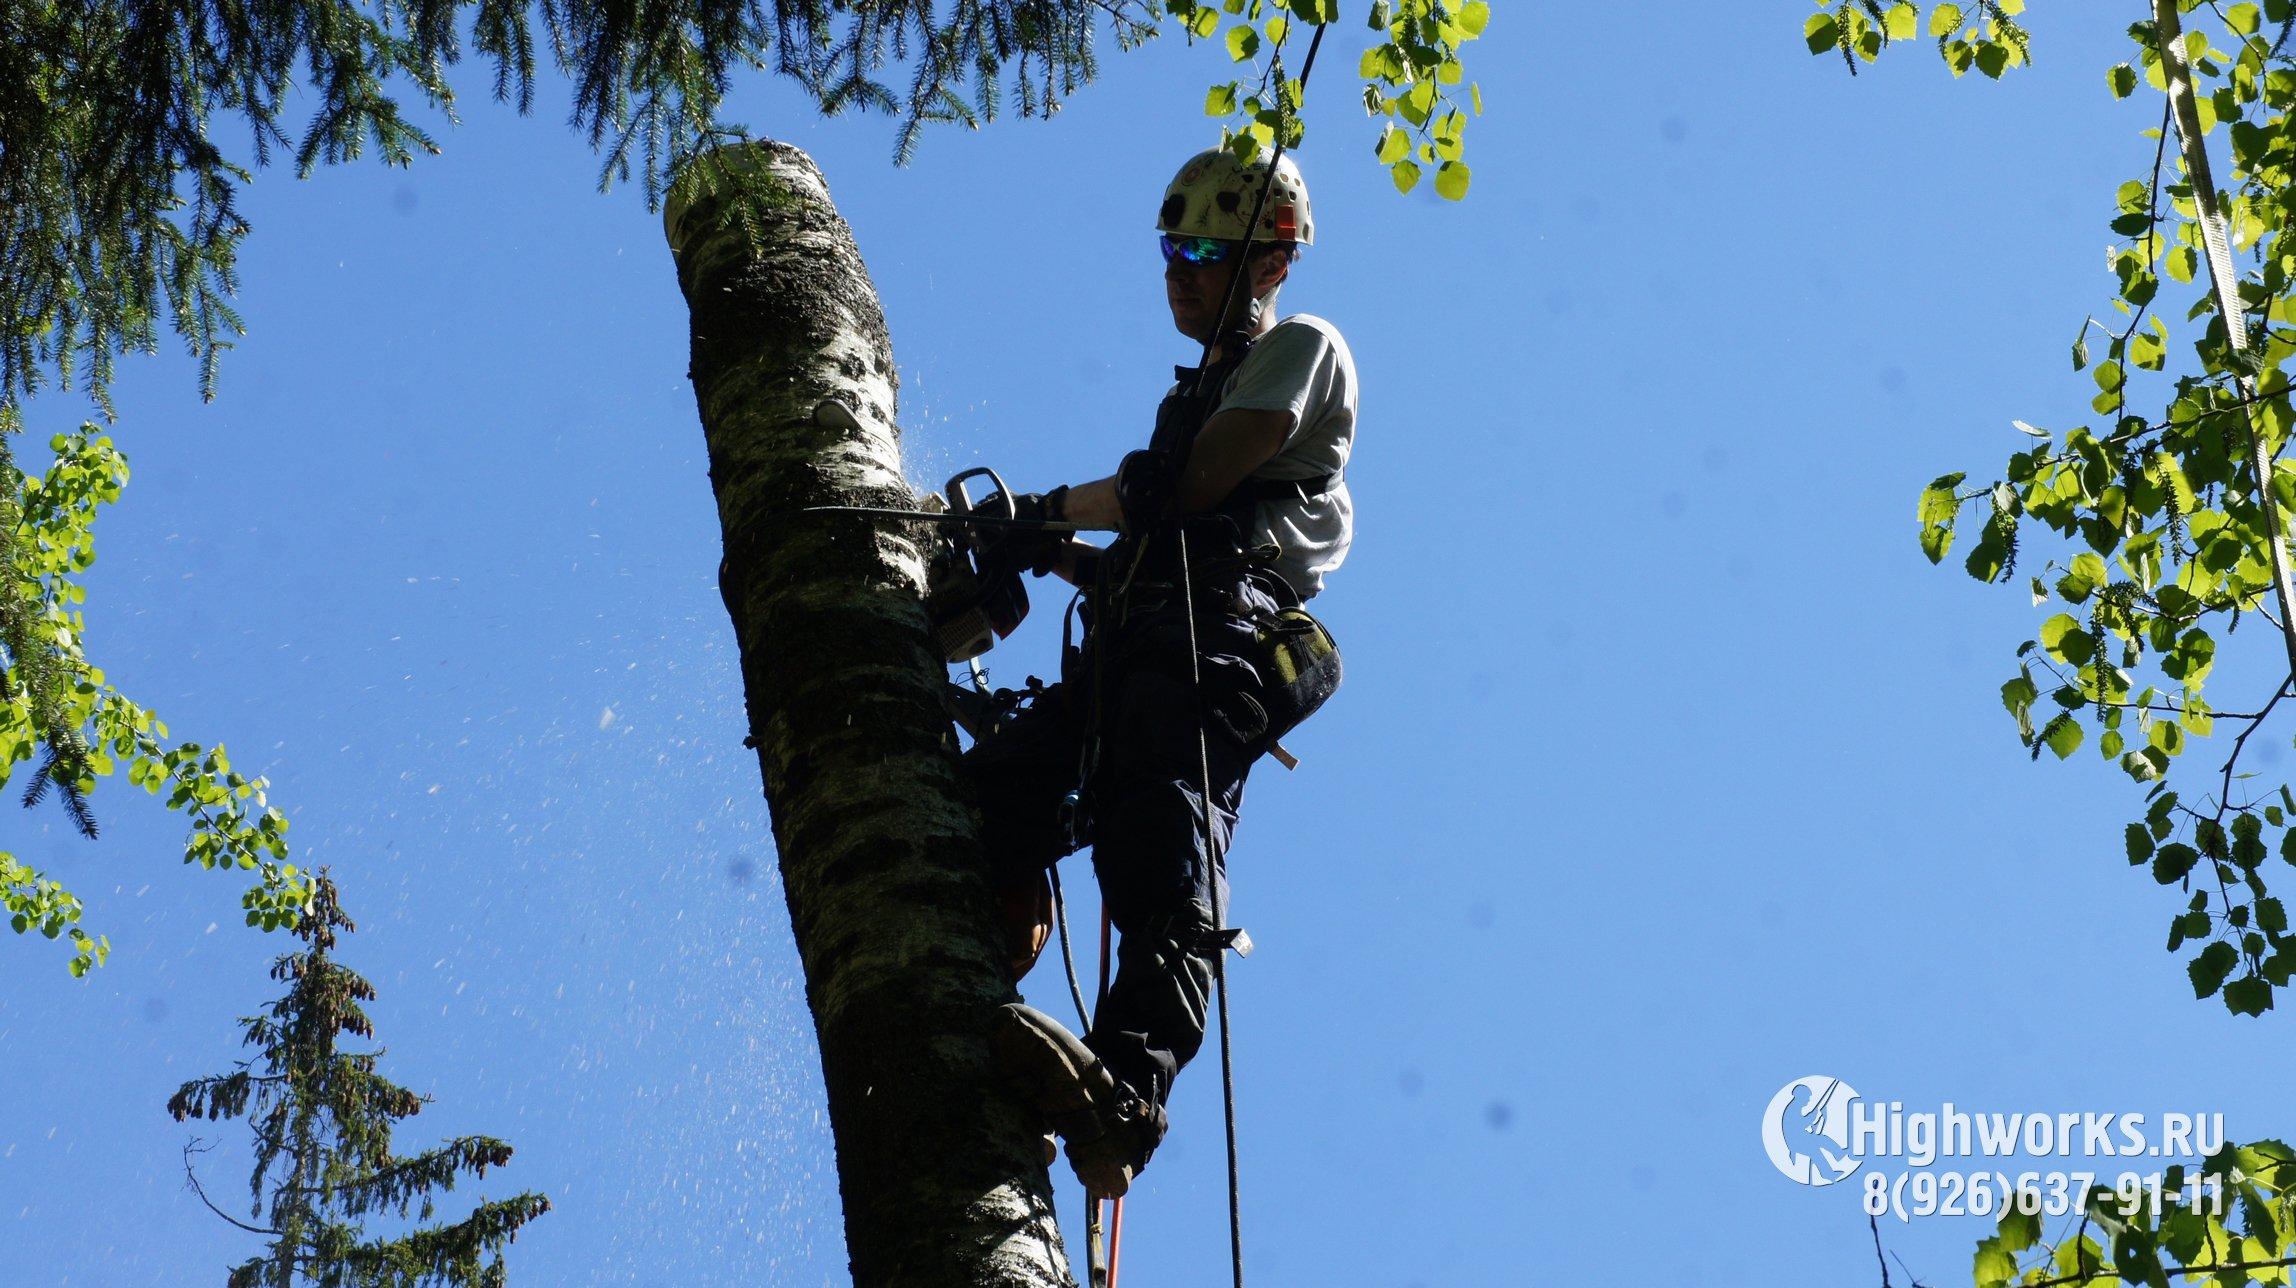 Удаление деревьев промышленными альпинистами